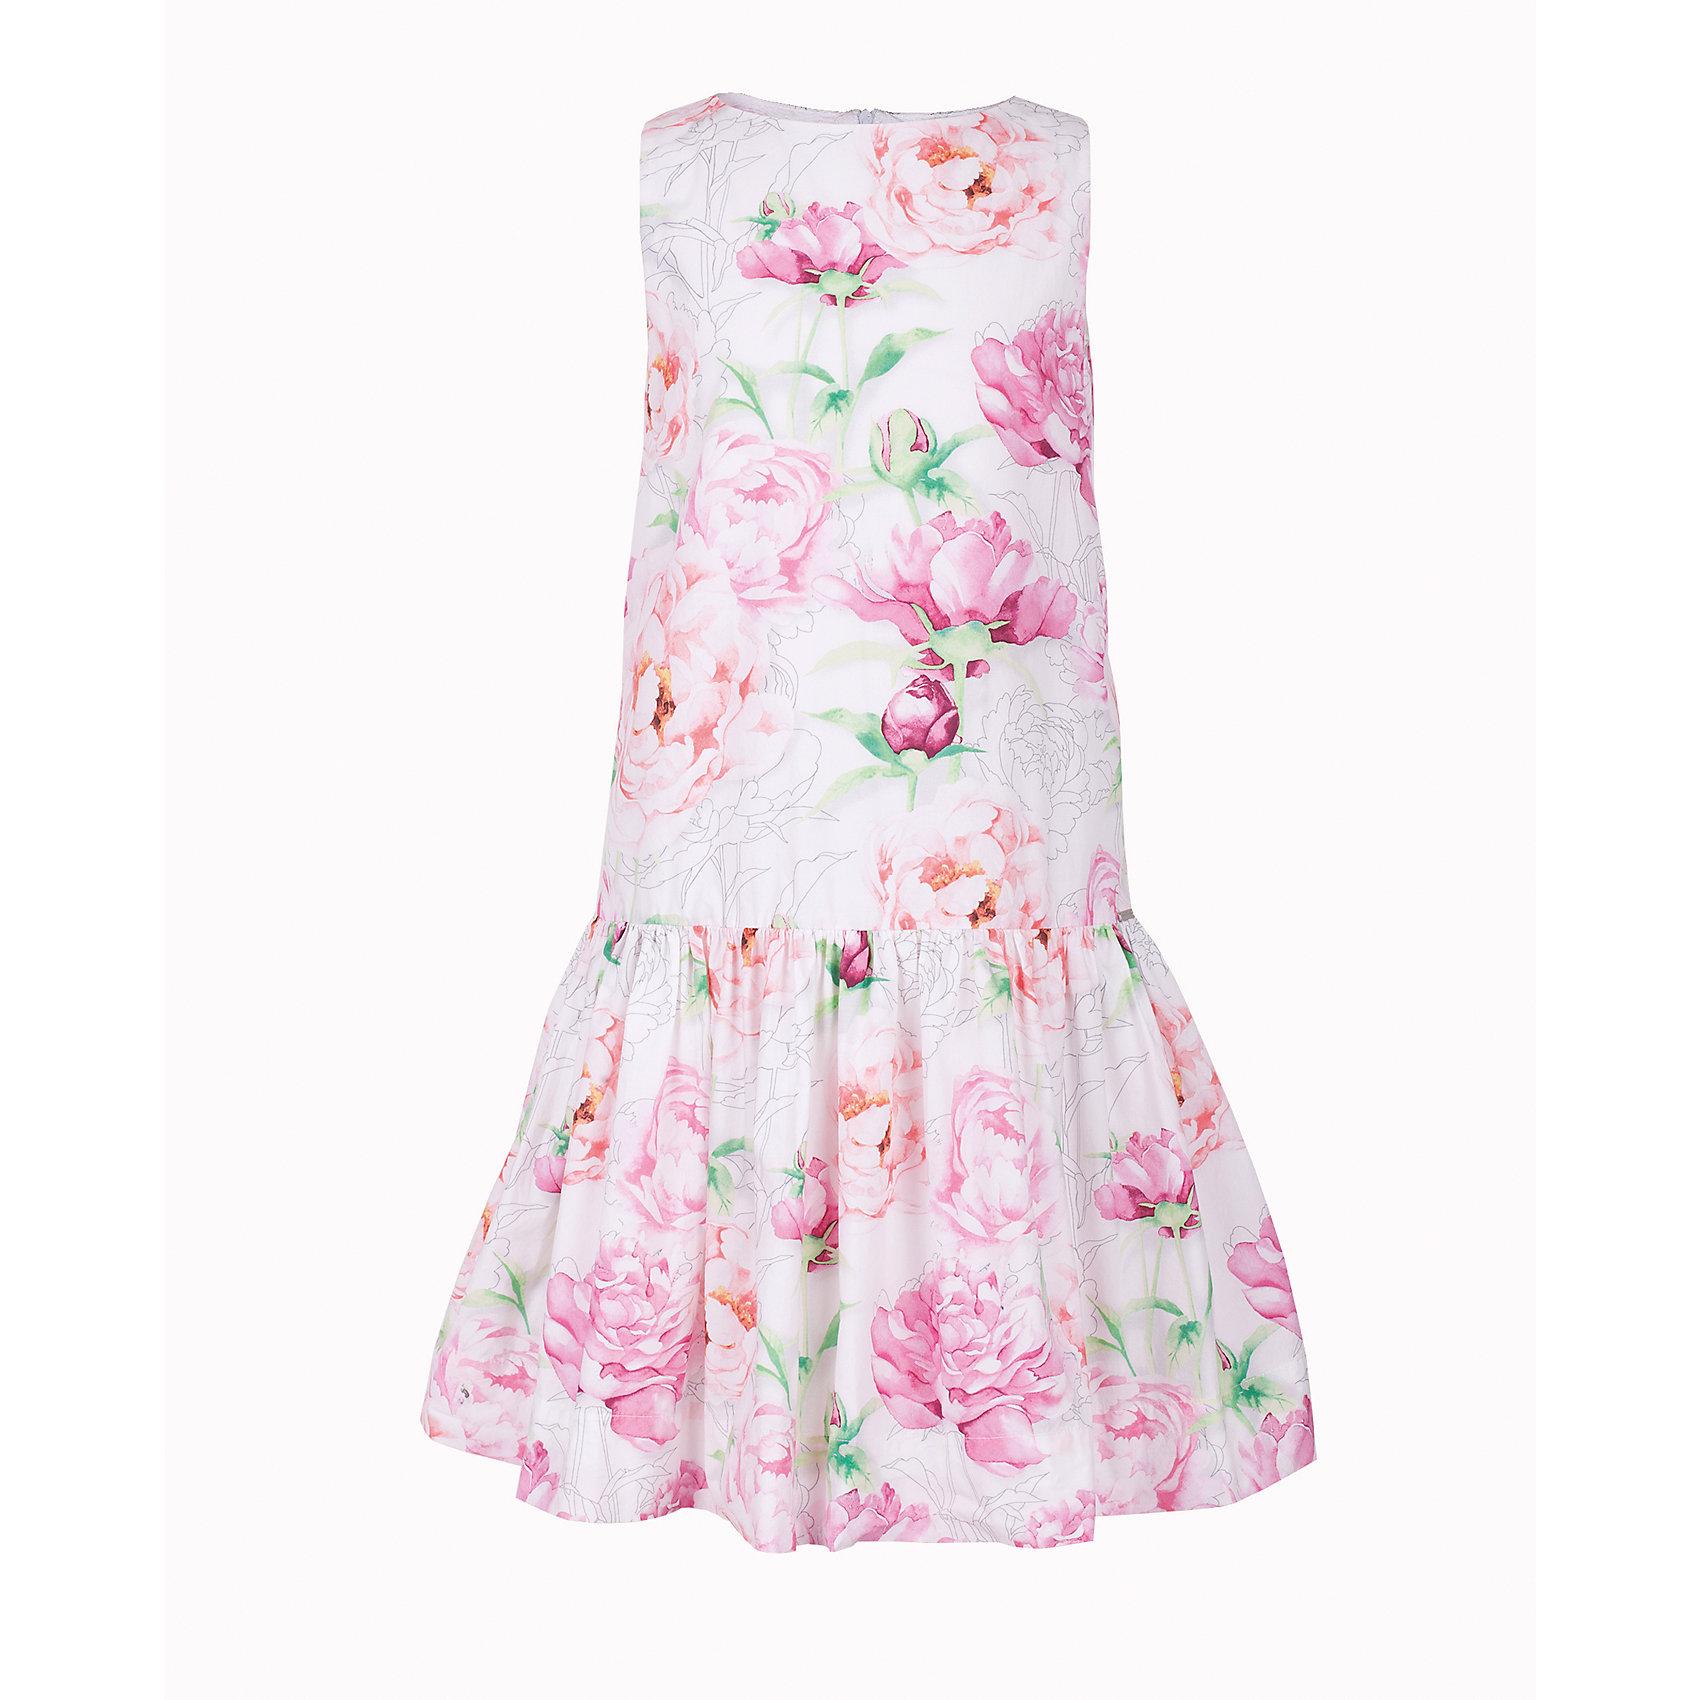 Платье для девочки GulliverПлатья и сарафаны<br>Ох уж, эти модницы... Их летний гардероб пестрит нарядами, но разве можно пройти мимо нового платья в цветочек? Простой удобный крой с лихвой компенсируется оригинальным дизайном ткани. Крупный цветочный рисунок, созданный в благородных пастельных тонах, выглядит интересно и привлекательно. Платье на тонкой хлопковой подкладке очень комфортно и приятно к телу. Если вы хотите купить платье для девочки, чтобы освежить гардероб ребенка, сделав его ярким, практичным и позитивным, эта модель - лучшее решение для каждого дня жаркого лета!<br>Состав:<br>верх:                100% хлопок; подкладка:                      100% хлопок<br><br>Ширина мм: 236<br>Глубина мм: 16<br>Высота мм: 184<br>Вес г: 177<br>Цвет: белый<br>Возраст от месяцев: 108<br>Возраст до месяцев: 120<br>Пол: Женский<br>Возраст: Детский<br>Размер: 140,122,128,134<br>SKU: 5484123